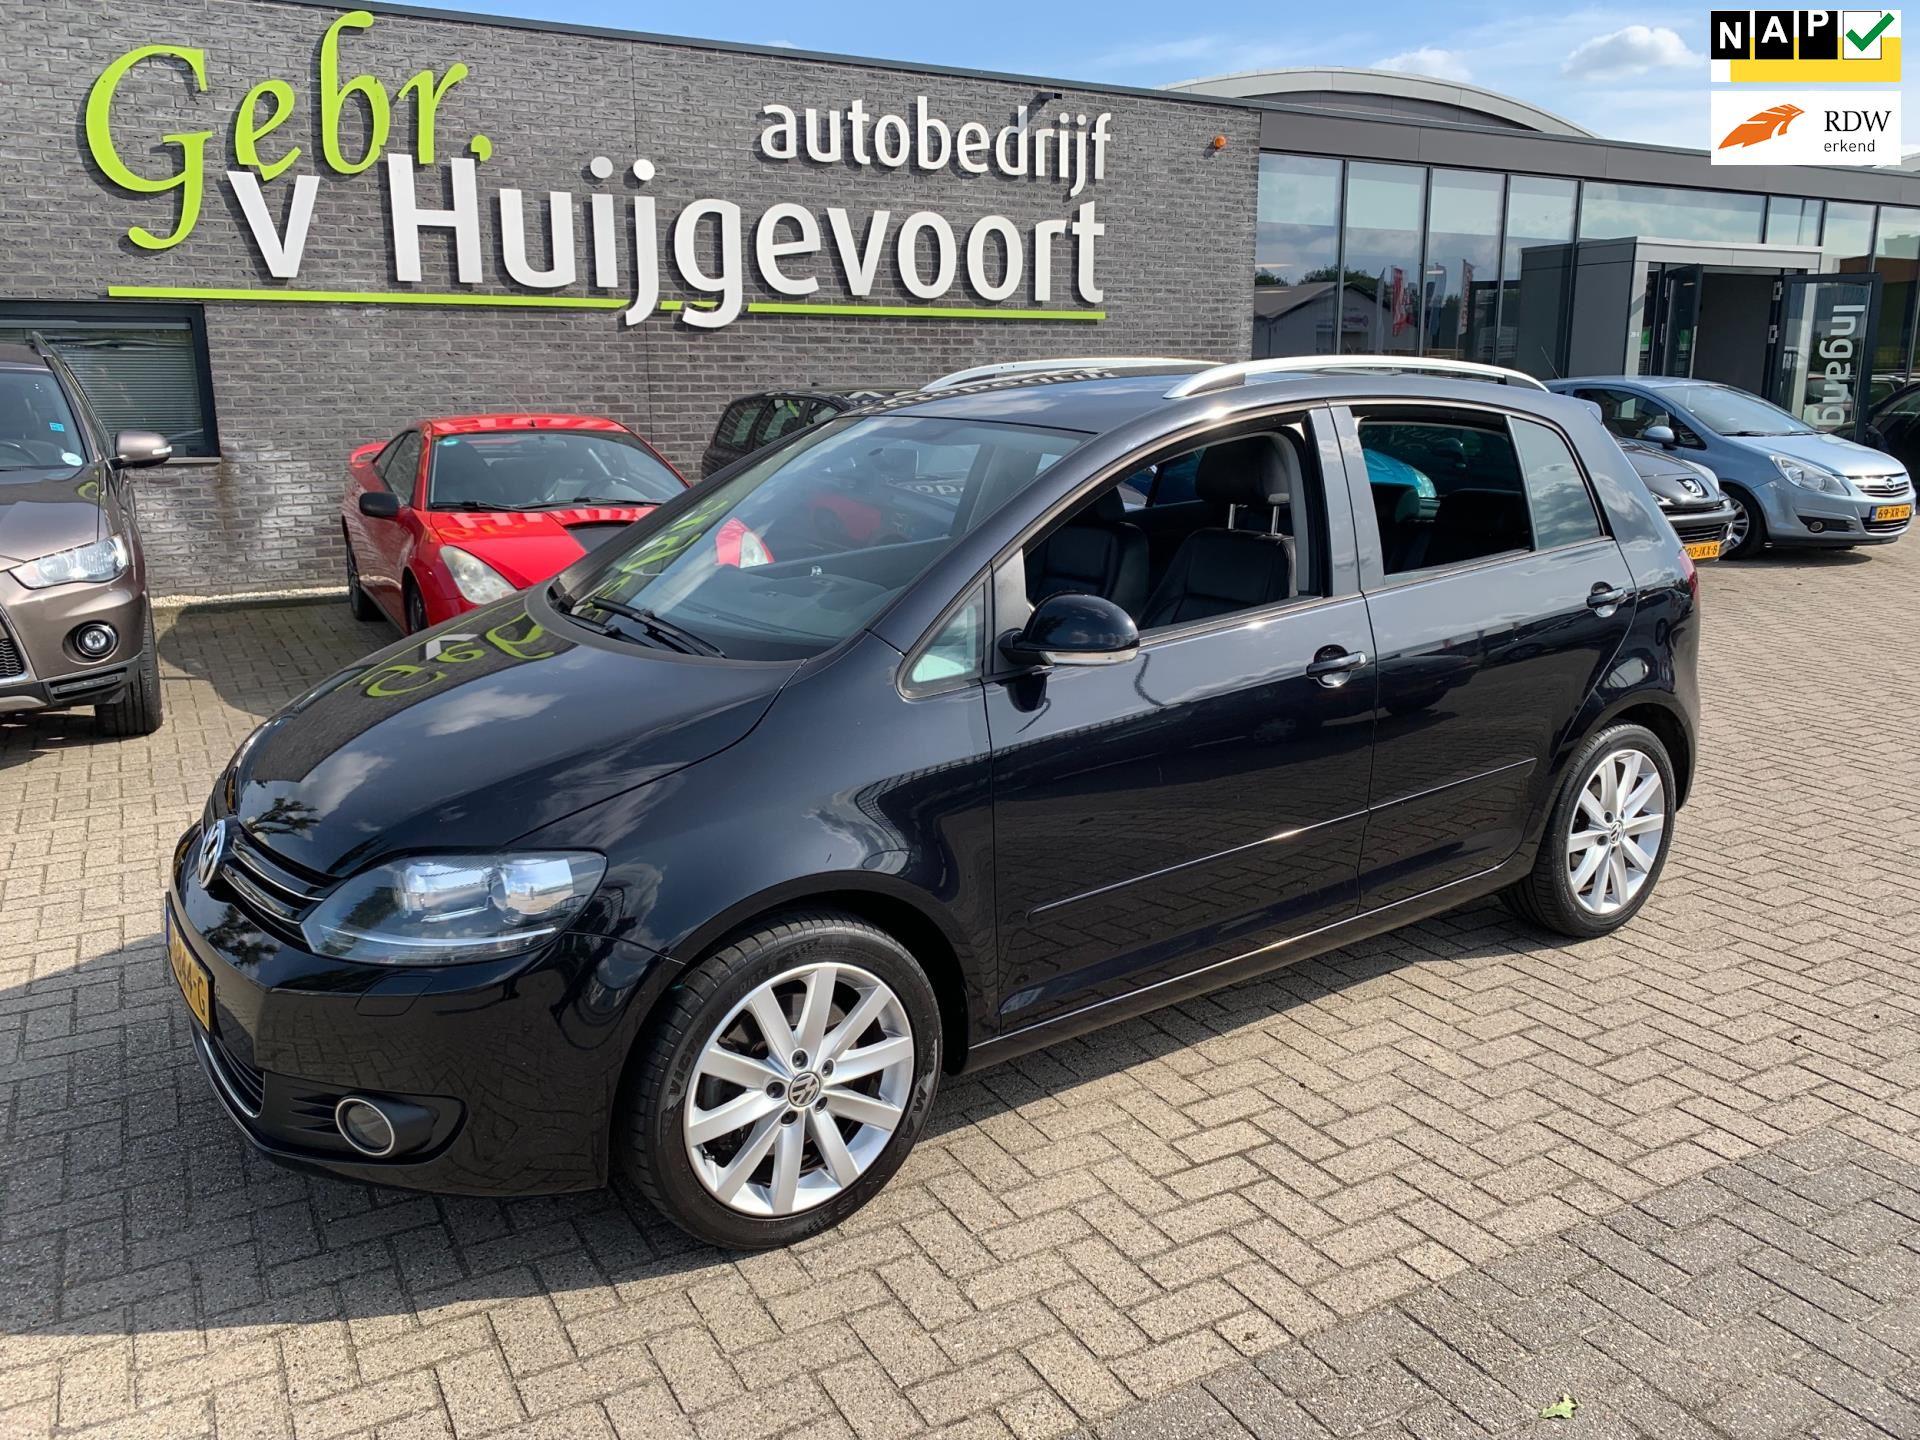 Volkswagen Golf Plus occasion - Autobedrijf van Huijgevoort